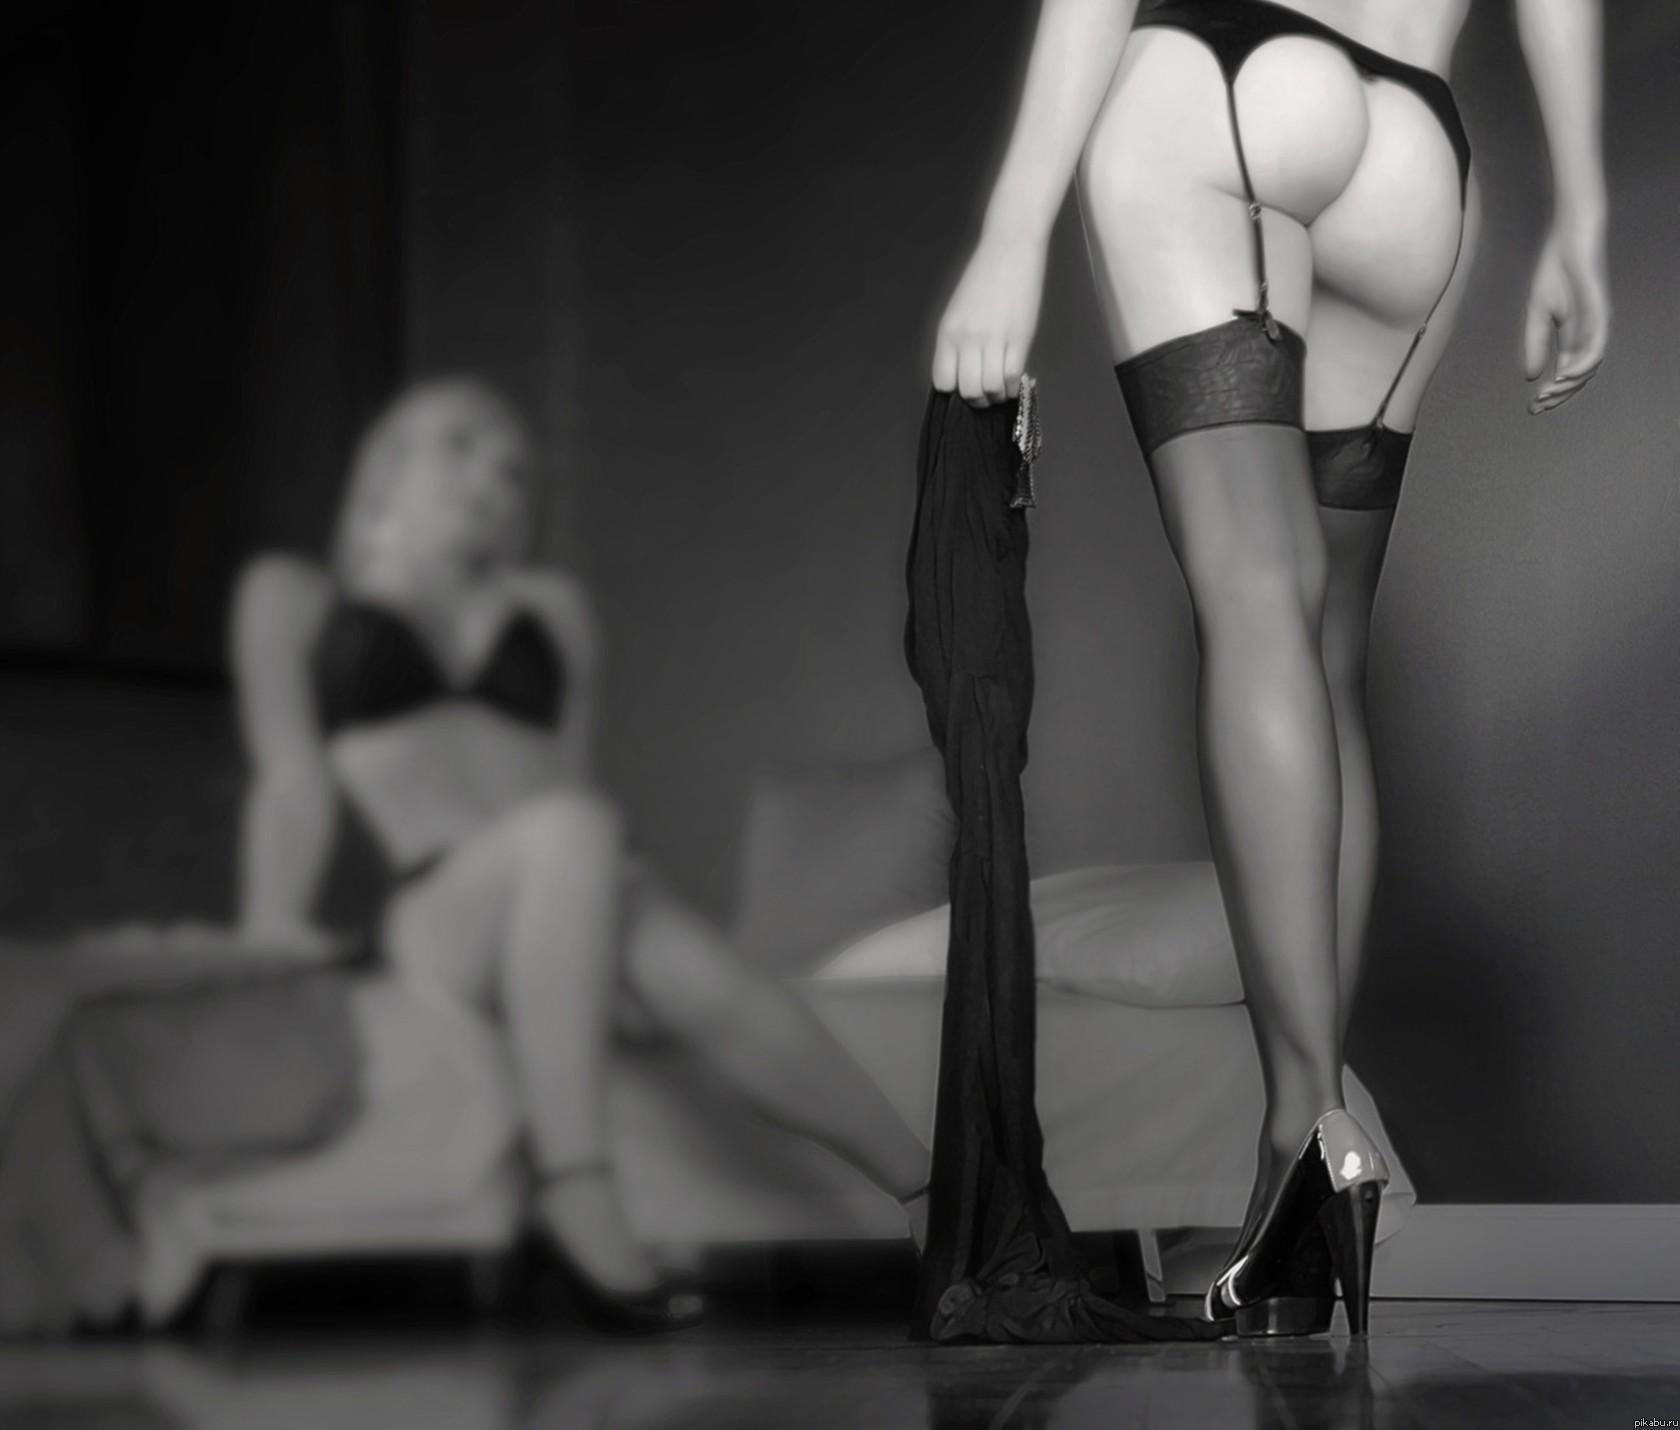 Целовать ножки девушек в чулках 27 фотография